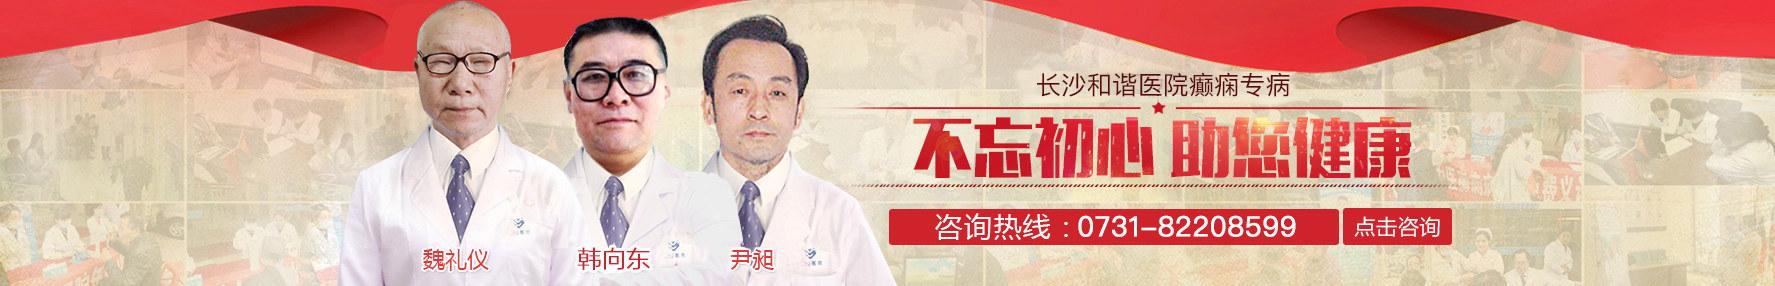 长沙癫痫病医院